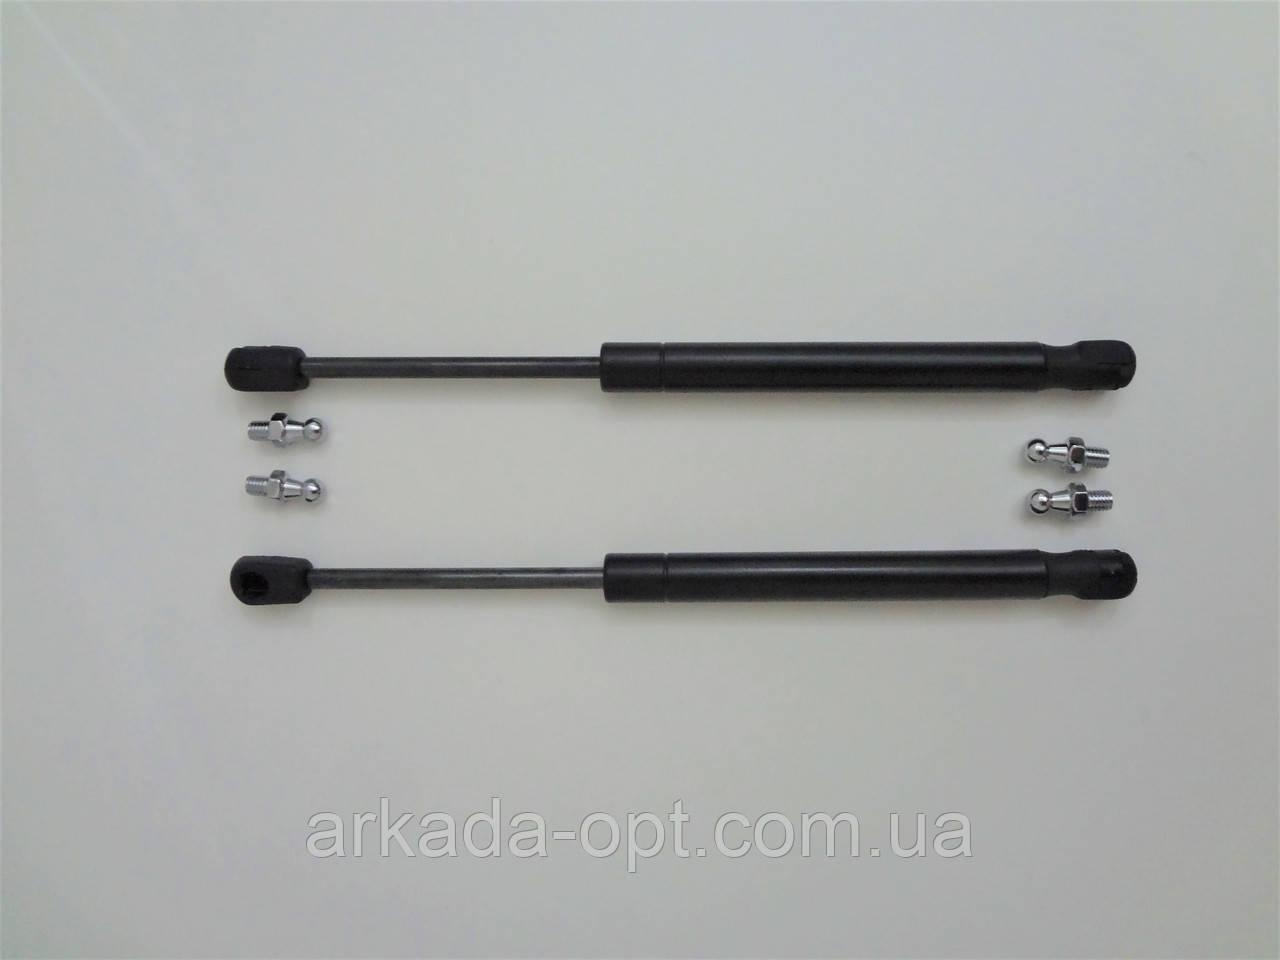 Газ лифт газовый амортизатор упор двери Aurora  305мм 415Н черный GS-LA1118 комплект 2 шт.